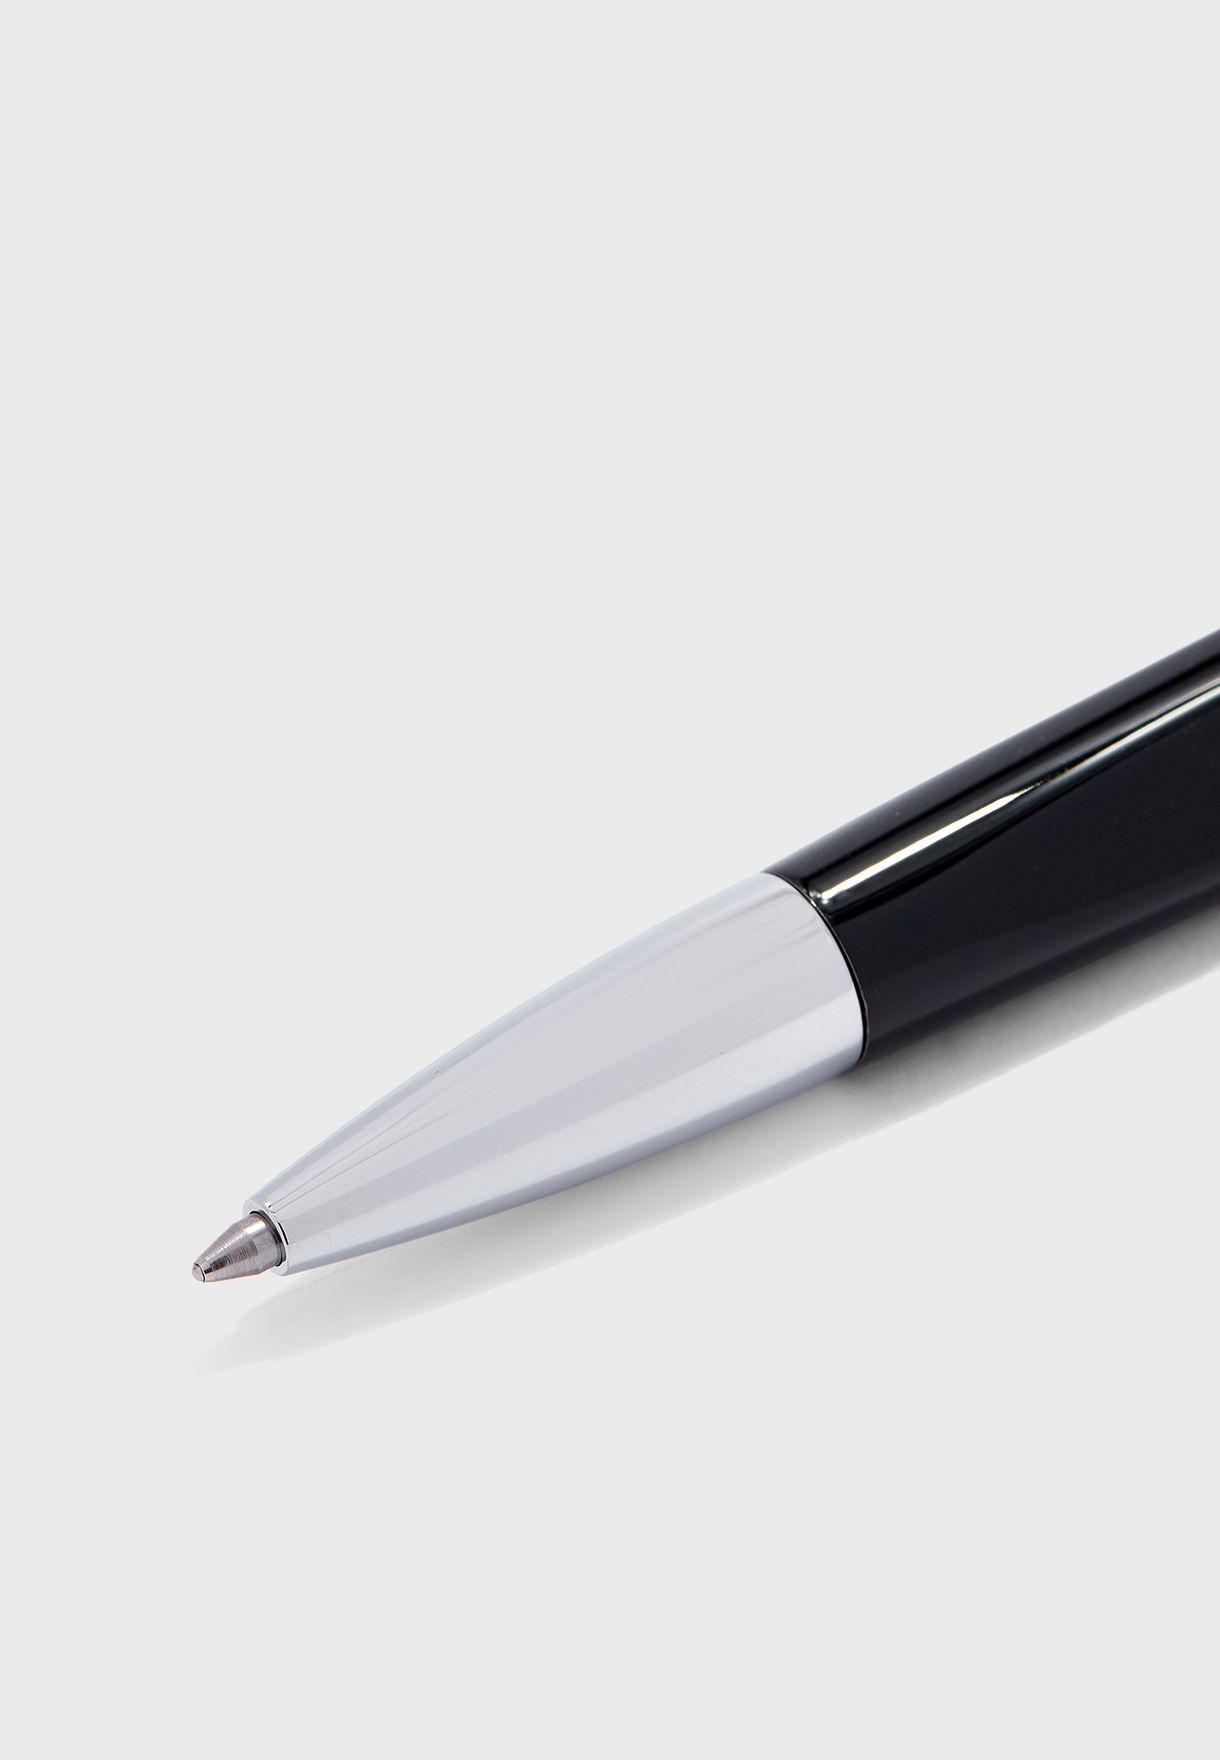 مجموعة من قلم وازرار قميص